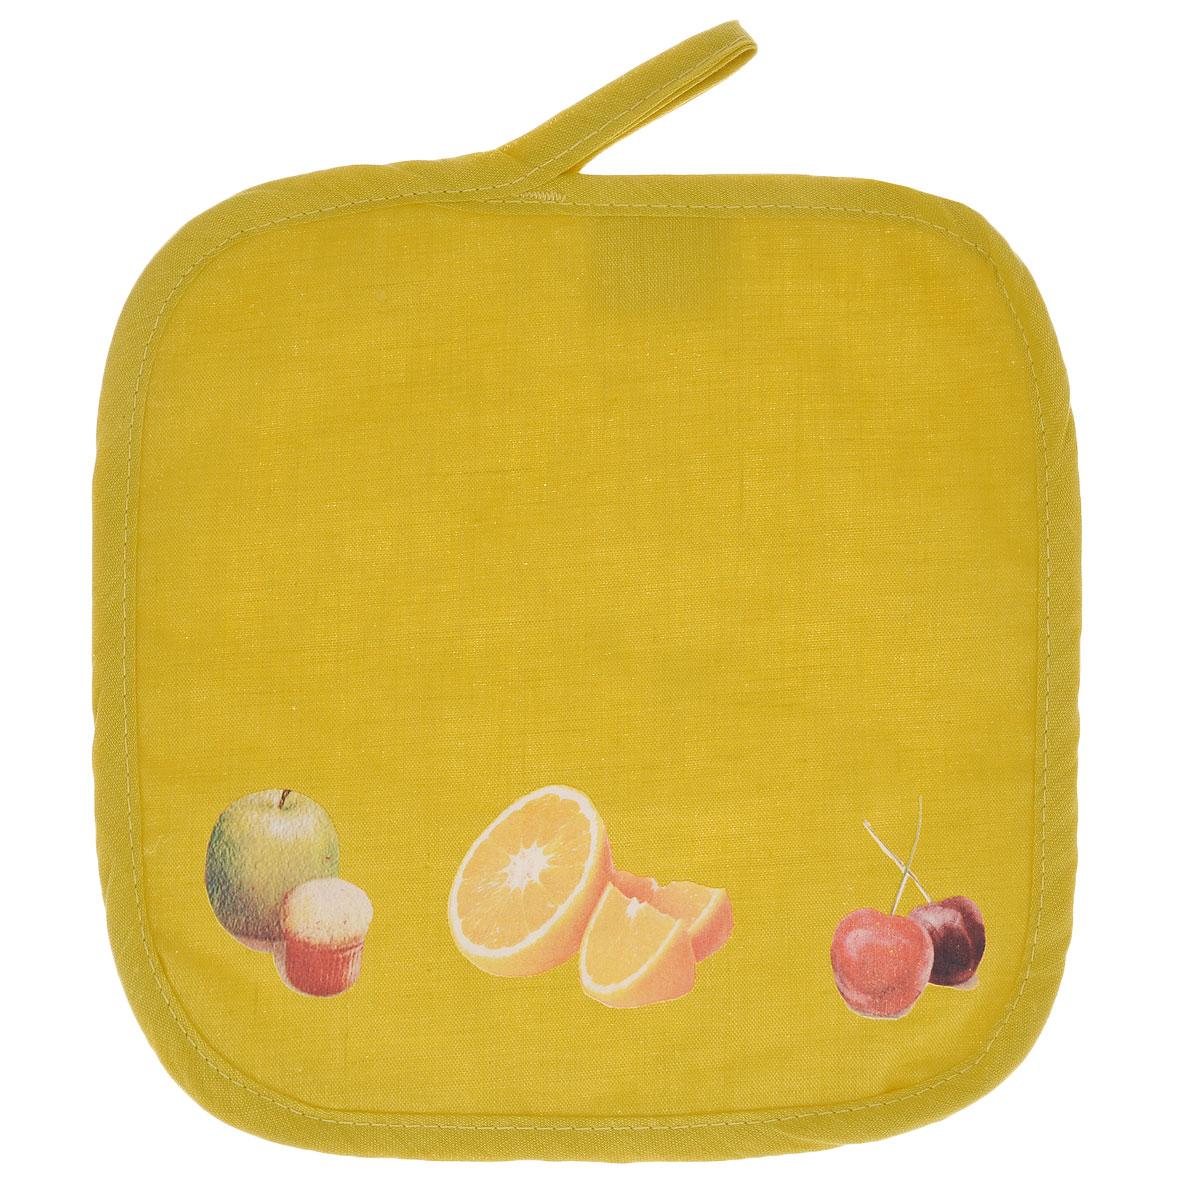 Прихватка Едим дома, цвет: желтый, 20 х 20 см2014-145Прихватка Едим дома, выполненная из хлопка и полиэстера, станет украшением любой кухни. Изделие защитит ваши руки от ожогов и воздействия высоких температур, а интересный дизайн разнообразит интерьер вашей кухни. С помощью специальной петельки, прихватку можно вешать на крючок. Отличный вариант для практичной и современной хозяйки.